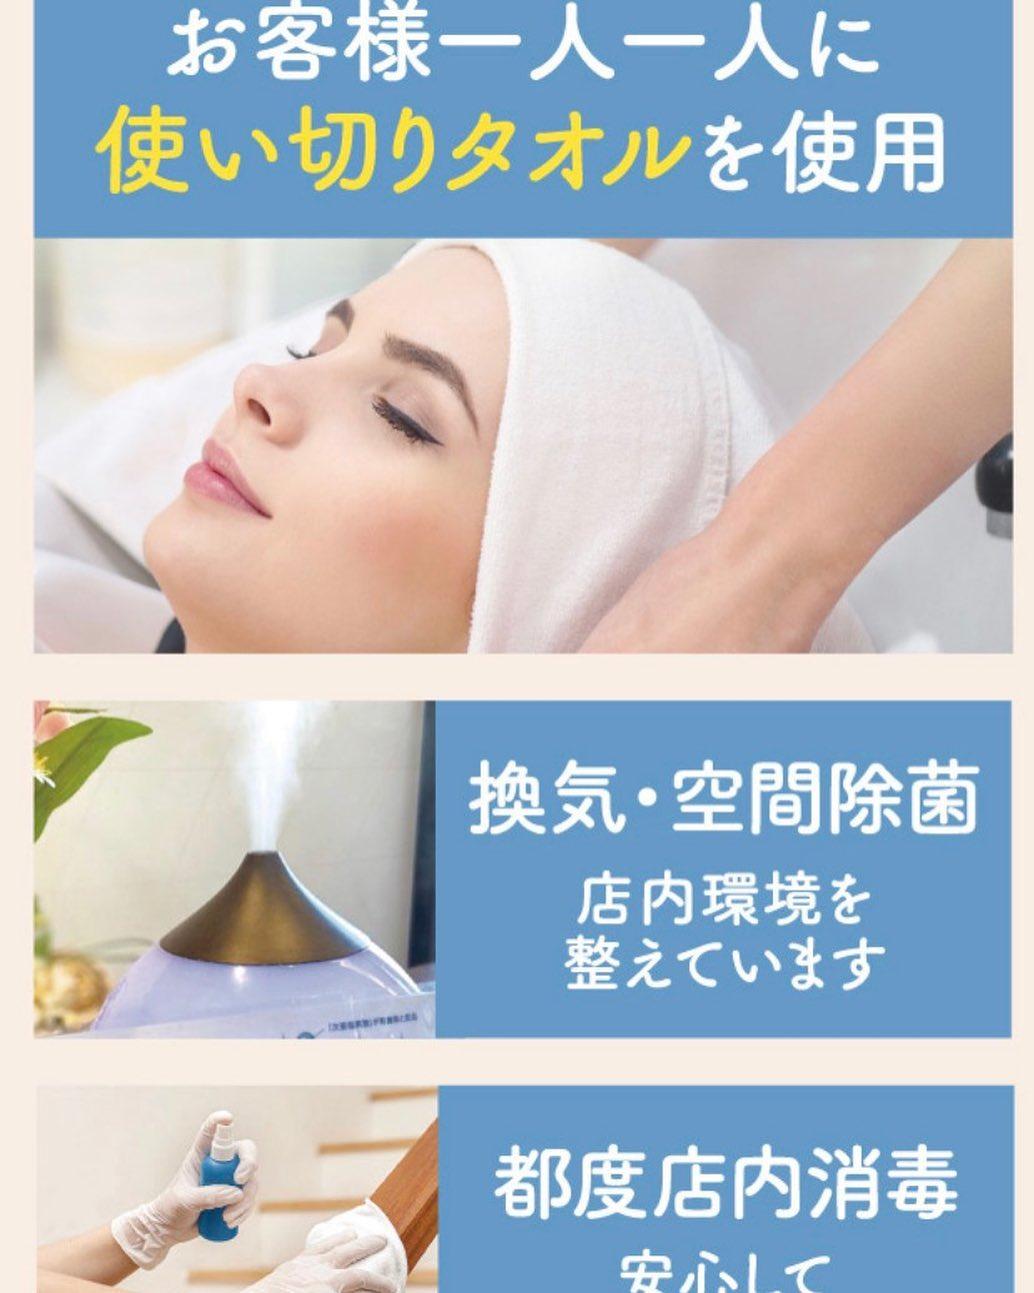 お店では使い切りタオルを使用しています一人一人使い切りになってますので感染対策にもなり安心ですvivaceでは引き続きお客様に安心してご来店頂けますよう、感染症予防対策にさらなる徹底をして参ります。感染予防対策として…全スタッフの手洗いうがい、検温、健康管理、お店の換気をいつも以上に徹底。ご来店いただいたお客様への検温。(37.5度以上ある方は施術をお断りさせていただいております。)消毒器の設置・お入りいただく際に必ず、手指およびお洋服を高機能除菌液にて消毒していただいております。スタッフ全員の完全マスク着用。お客様が席を変わる毎にテーブル、椅子、お手洗いやシャンプー台、ロッカーなど、接触する部分のアルコール消毒。お客様毎にスタッフの手指消毒および、器具のアルコール消毒を徹底。タオルは清潔を重視したプライベートタオル(使い切り)を使用。等、対策をさらに徹底することで、引き続き感染防止に努めております。お客様が、安心してリラックスできる環境作りを徹底すると共に、1人でも多くのお客様のキレイのお手伝いが出来る様にスタッフ一同、努力して参ります。ご来店心よりお待ちしております。#N.#エヌドット#ナプラ#ミルボン#美容師の休日#美容師の卵#美容学生#美容師 #美容師募集 #スタッフ募集 #美容室 #美容専門学校 #美容師国家試験 #スタイリスト募集 #アシスタント募集 #ネイリスト募集 #美容好き #美容学生 #ママさん美容師 #アーバンパークライン #セットアップ#野田市#川間#緊急事態宣言#コロナ感染予防